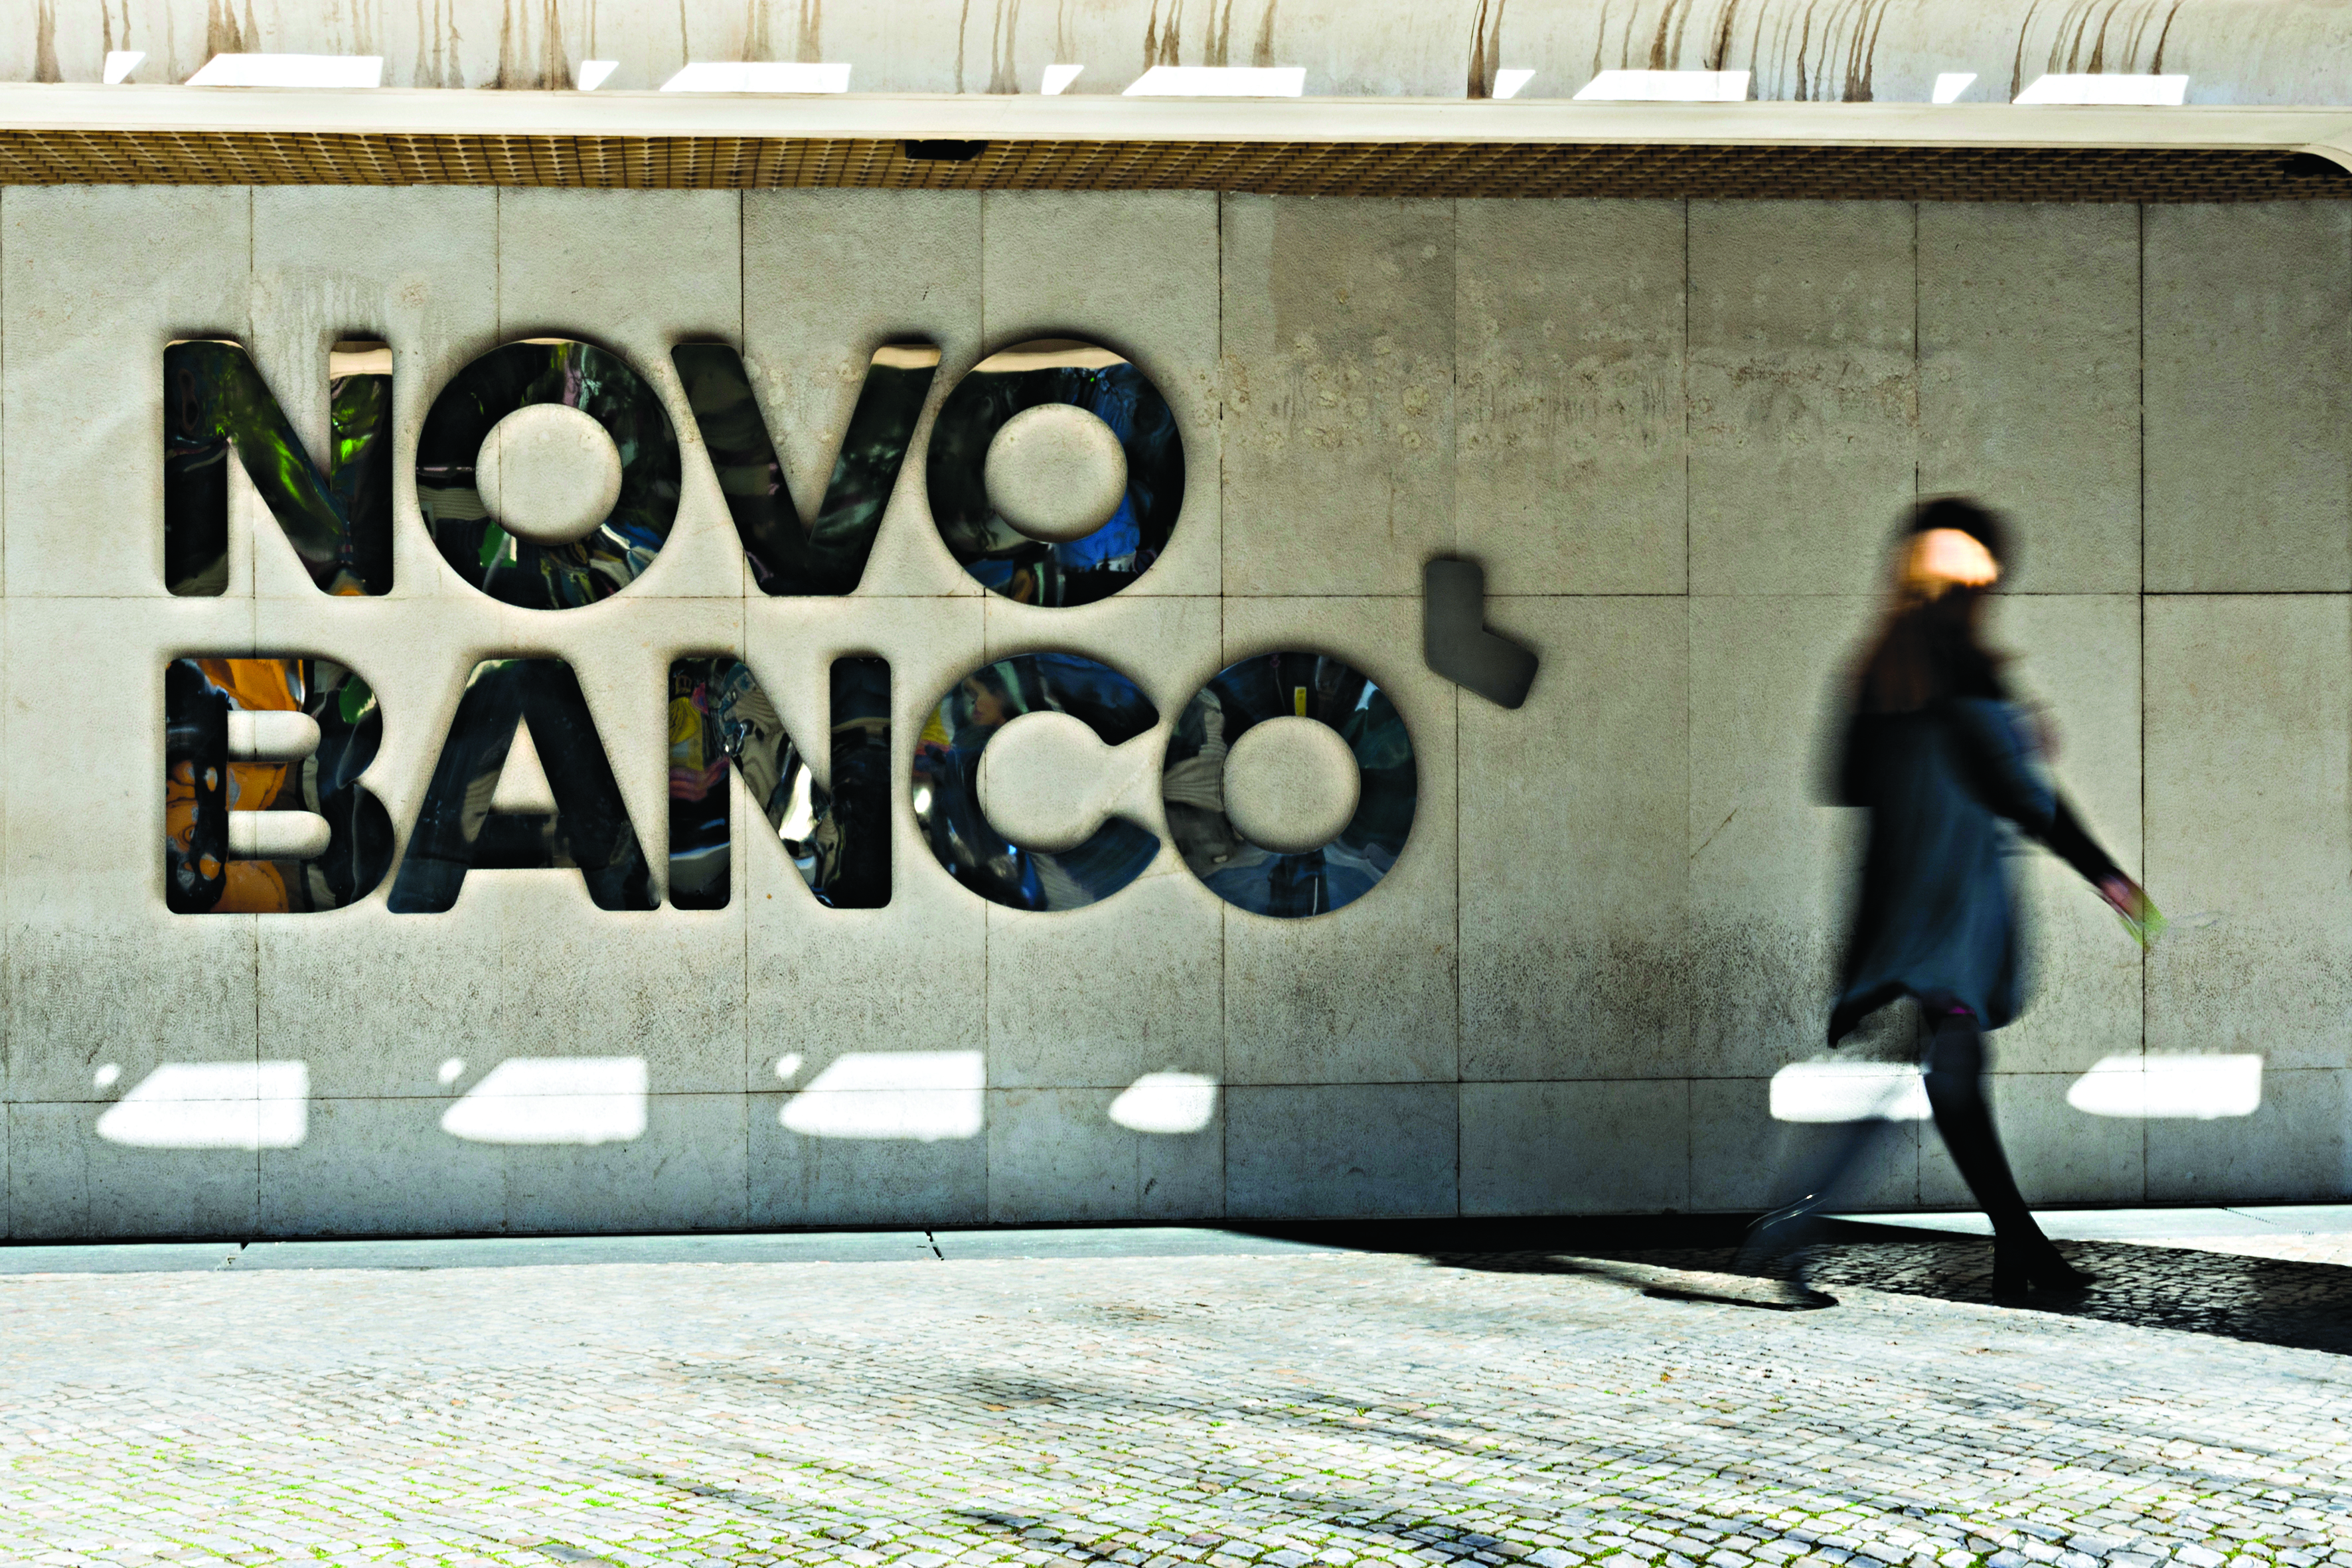 Venda do Novo Banco: garantida almofada de 500 milhões para o negócio